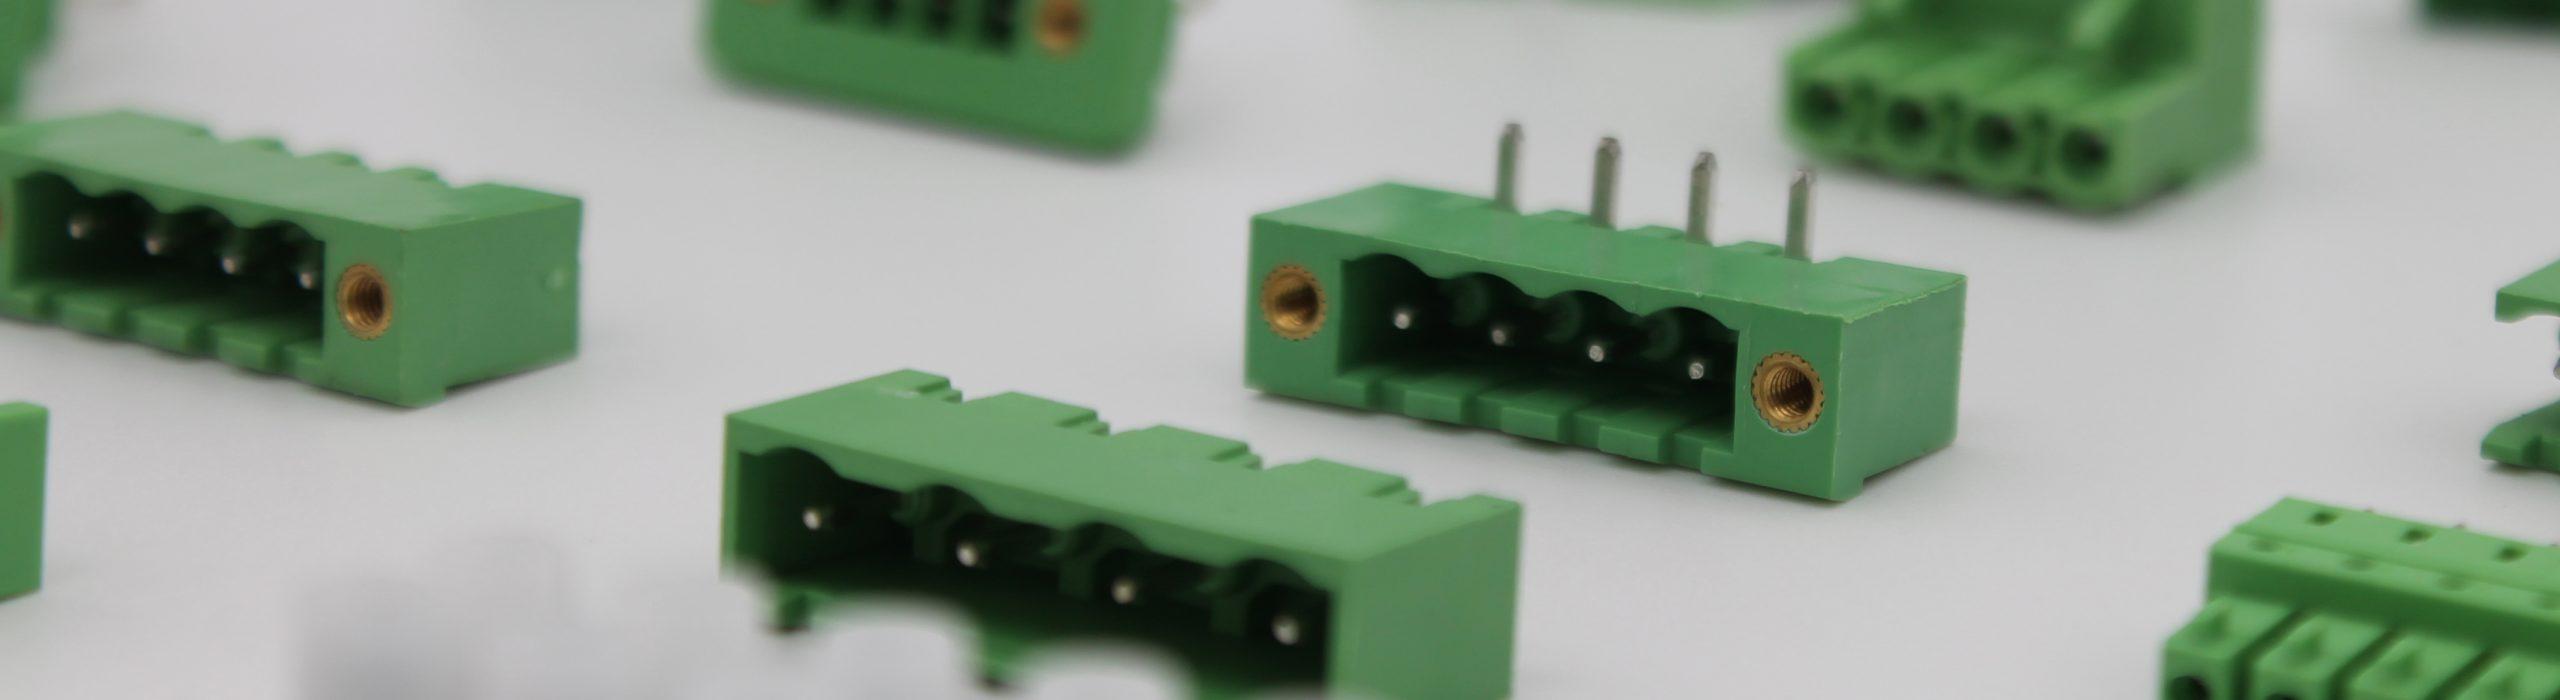 PCB Terminal Blocks Sockets and Headers